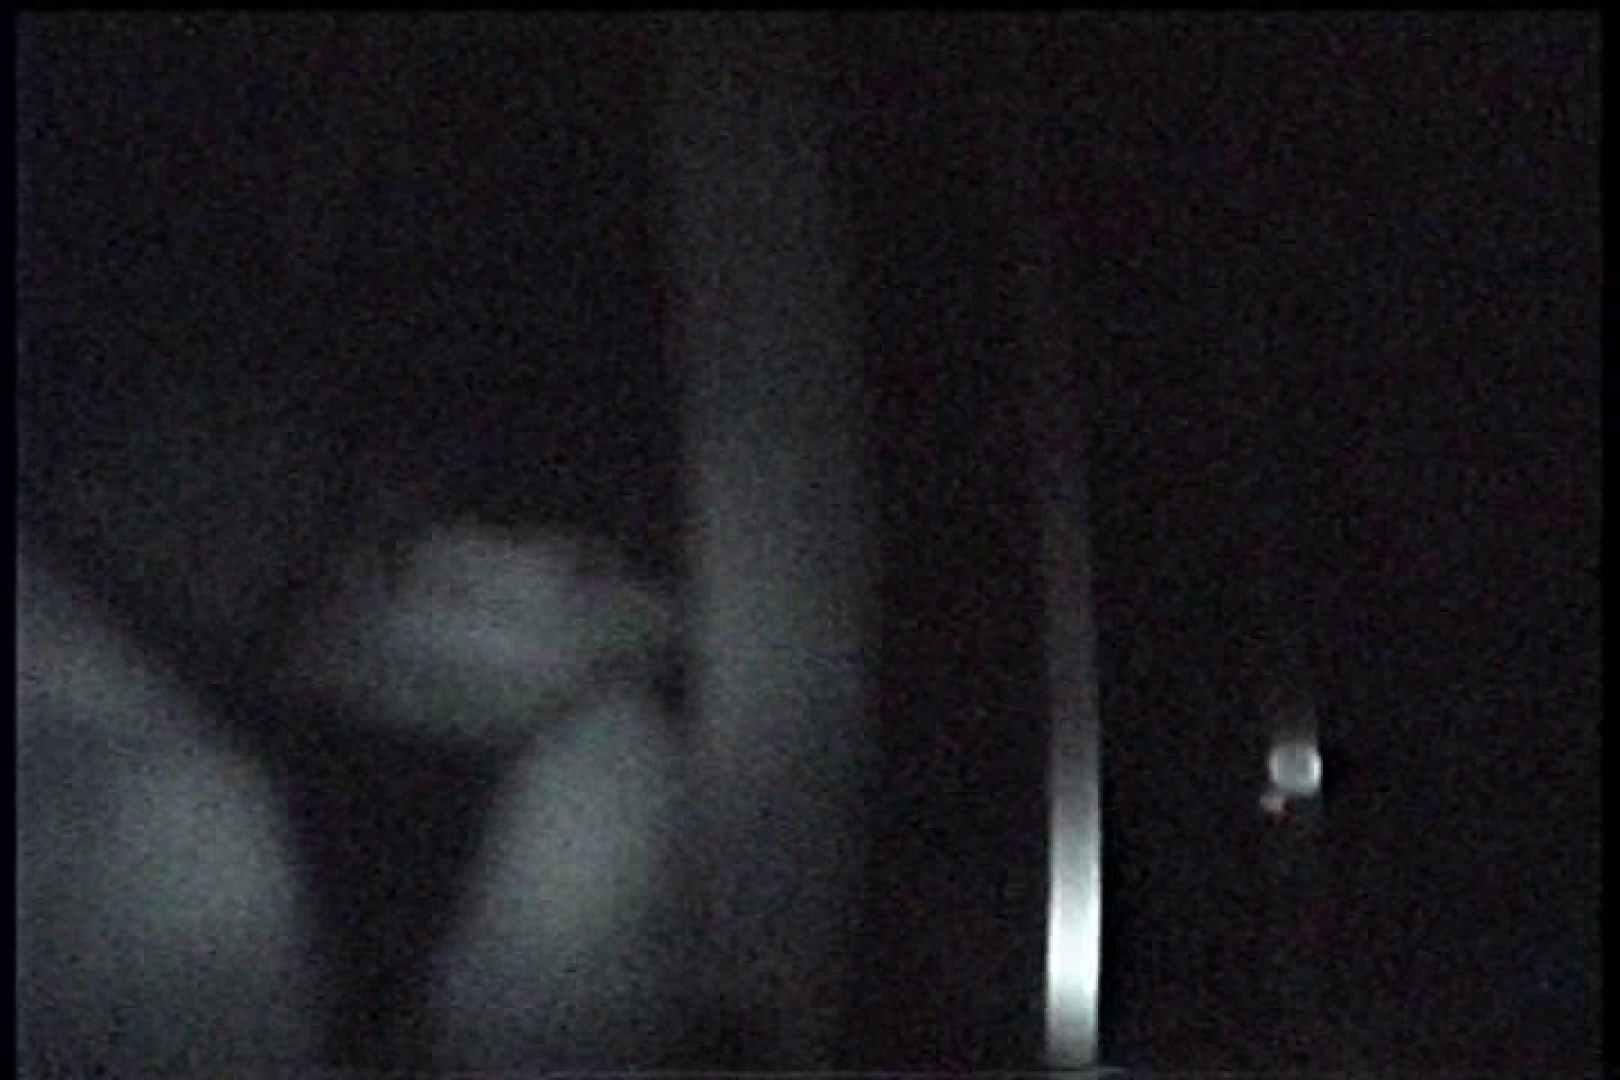 充血監督の深夜の運動会Vol.243 エロティックなOL すけべAV動画紹介 68画像 6